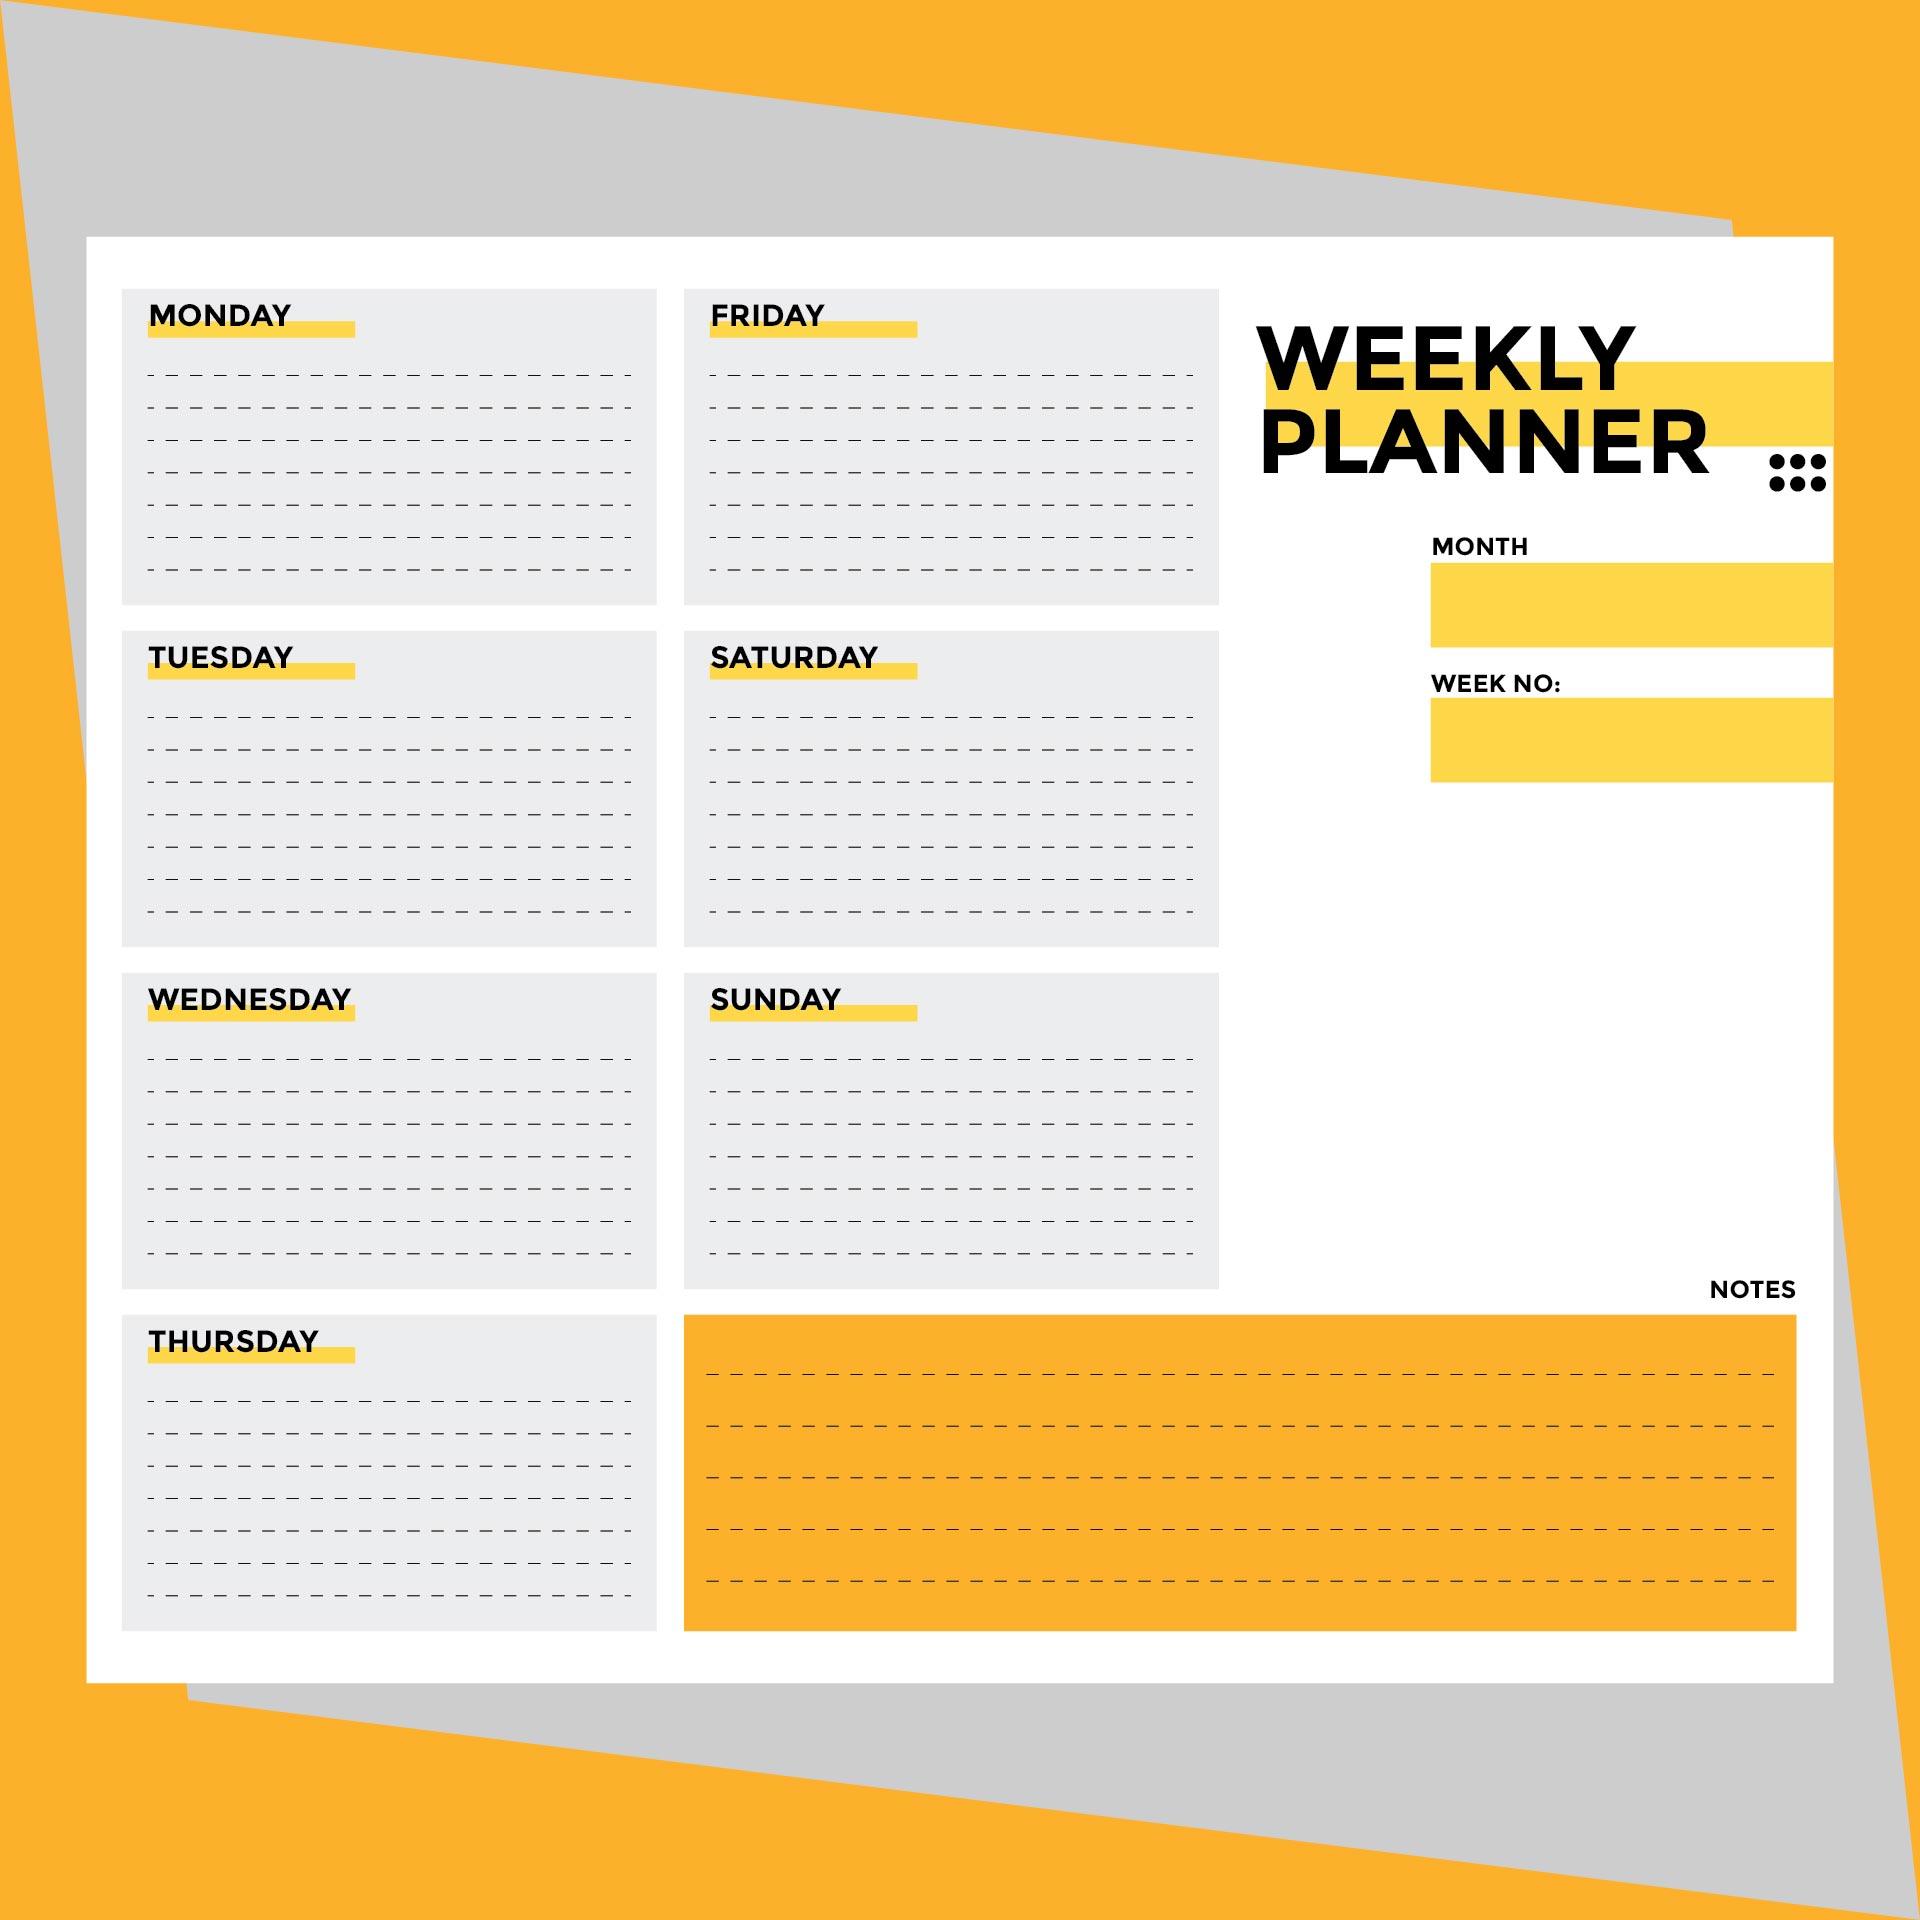 9 best images of weekly planner printable pdf